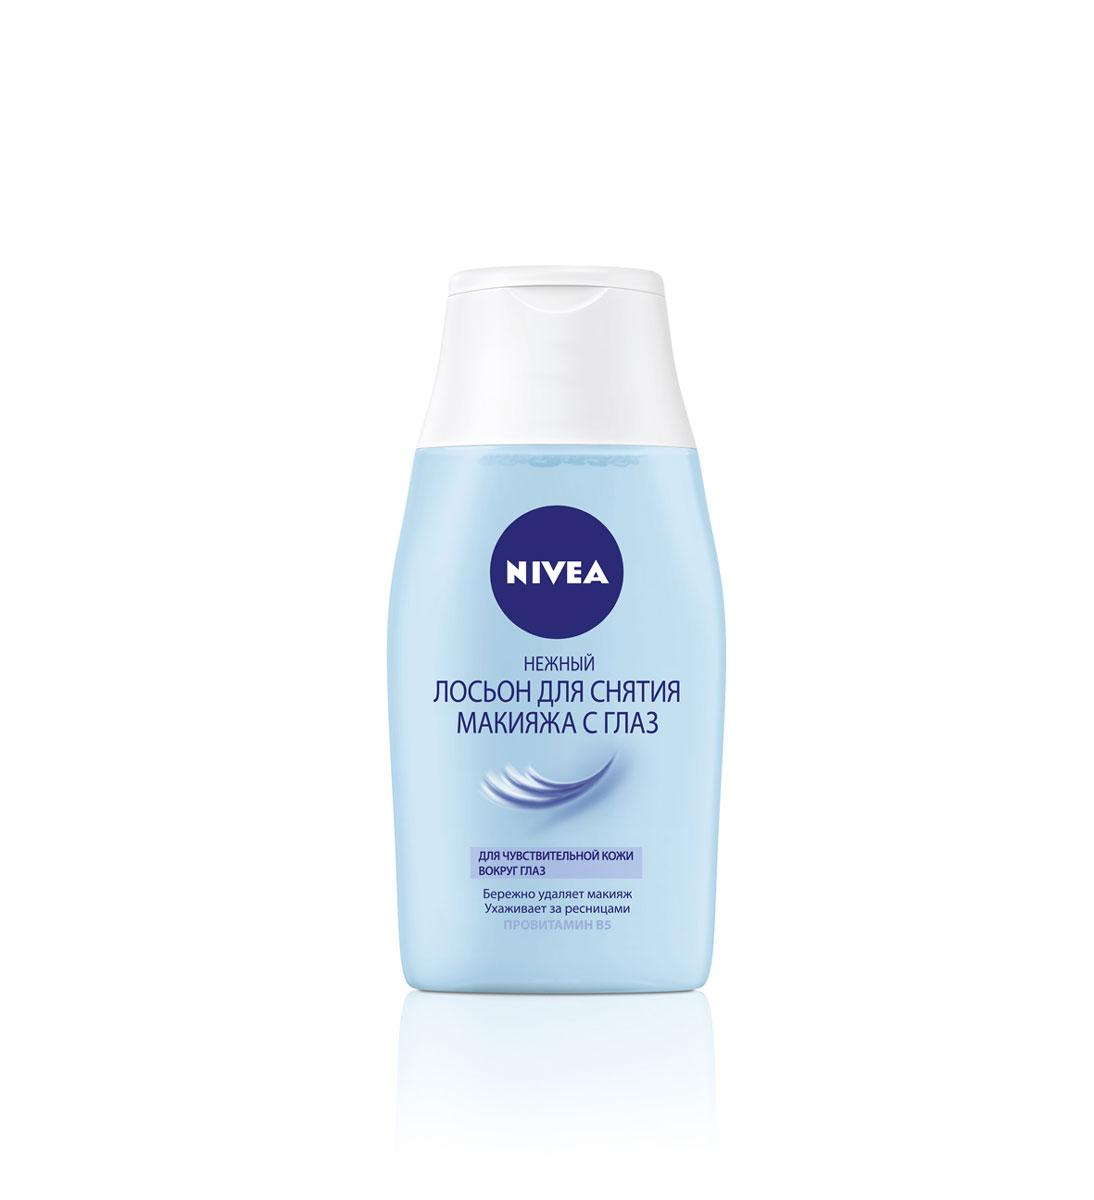 NIVEA Нежное средство для удаления макияжа с глаз 125 мл10020501Лосьон Nivea Visage мягко удаляет макияж, ухаживая за ресницами и нежной кожей вокруг глаз. Одобрено офтальмологами и дерматологами.